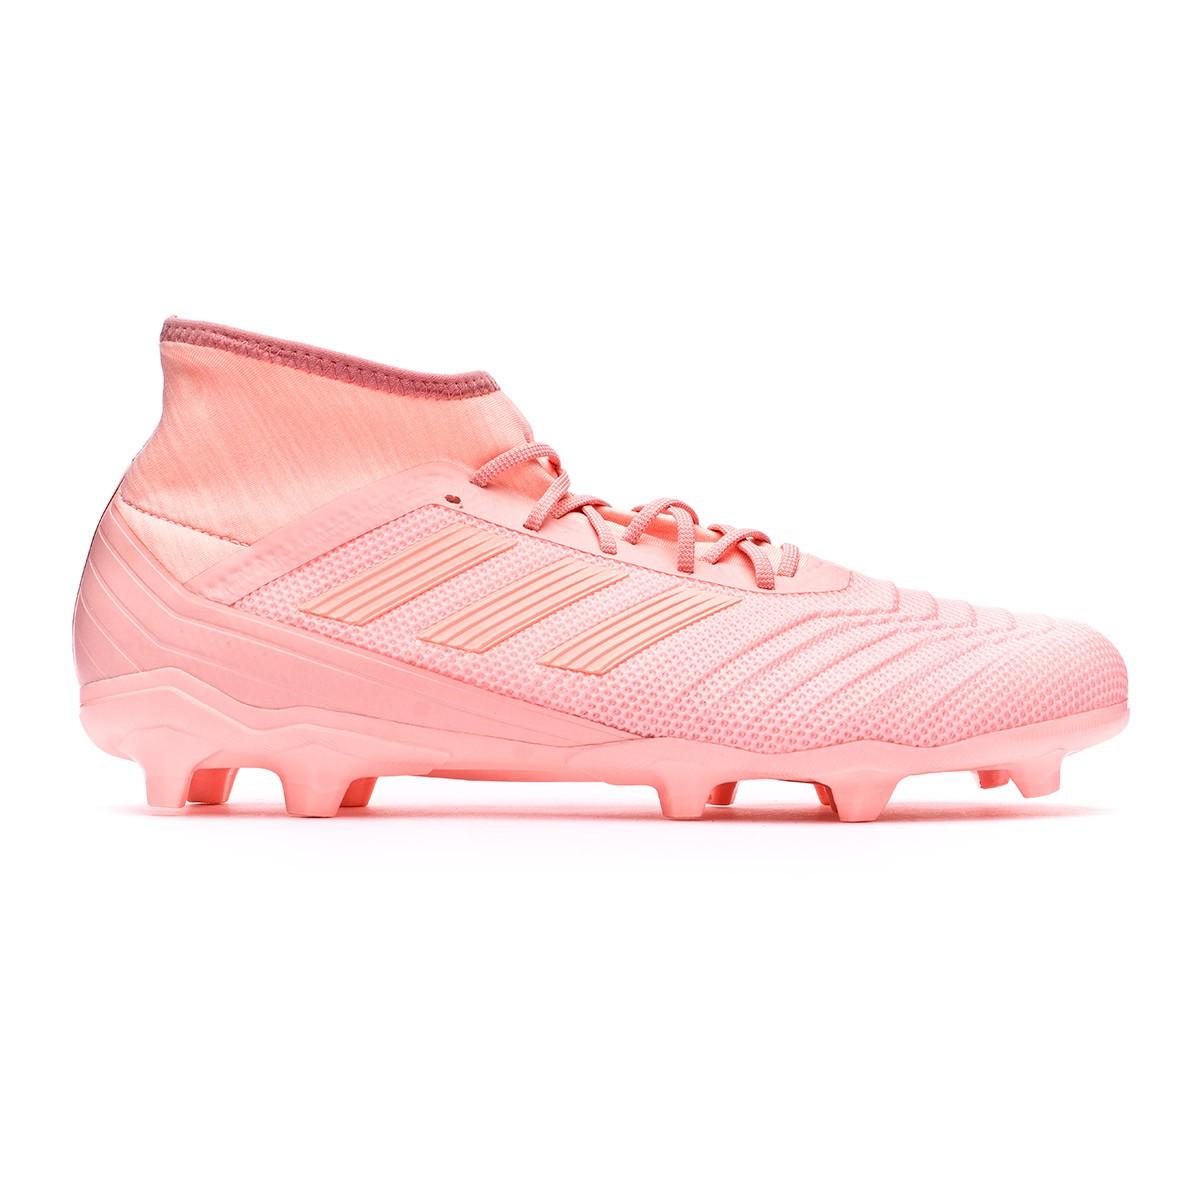 techo Rodeado cocaína  botas futbol adidas 2015 Hombre Mujer niños - Envío gratis y entrega  rápida, ¡Ahorros garantizados y stock permanente! -